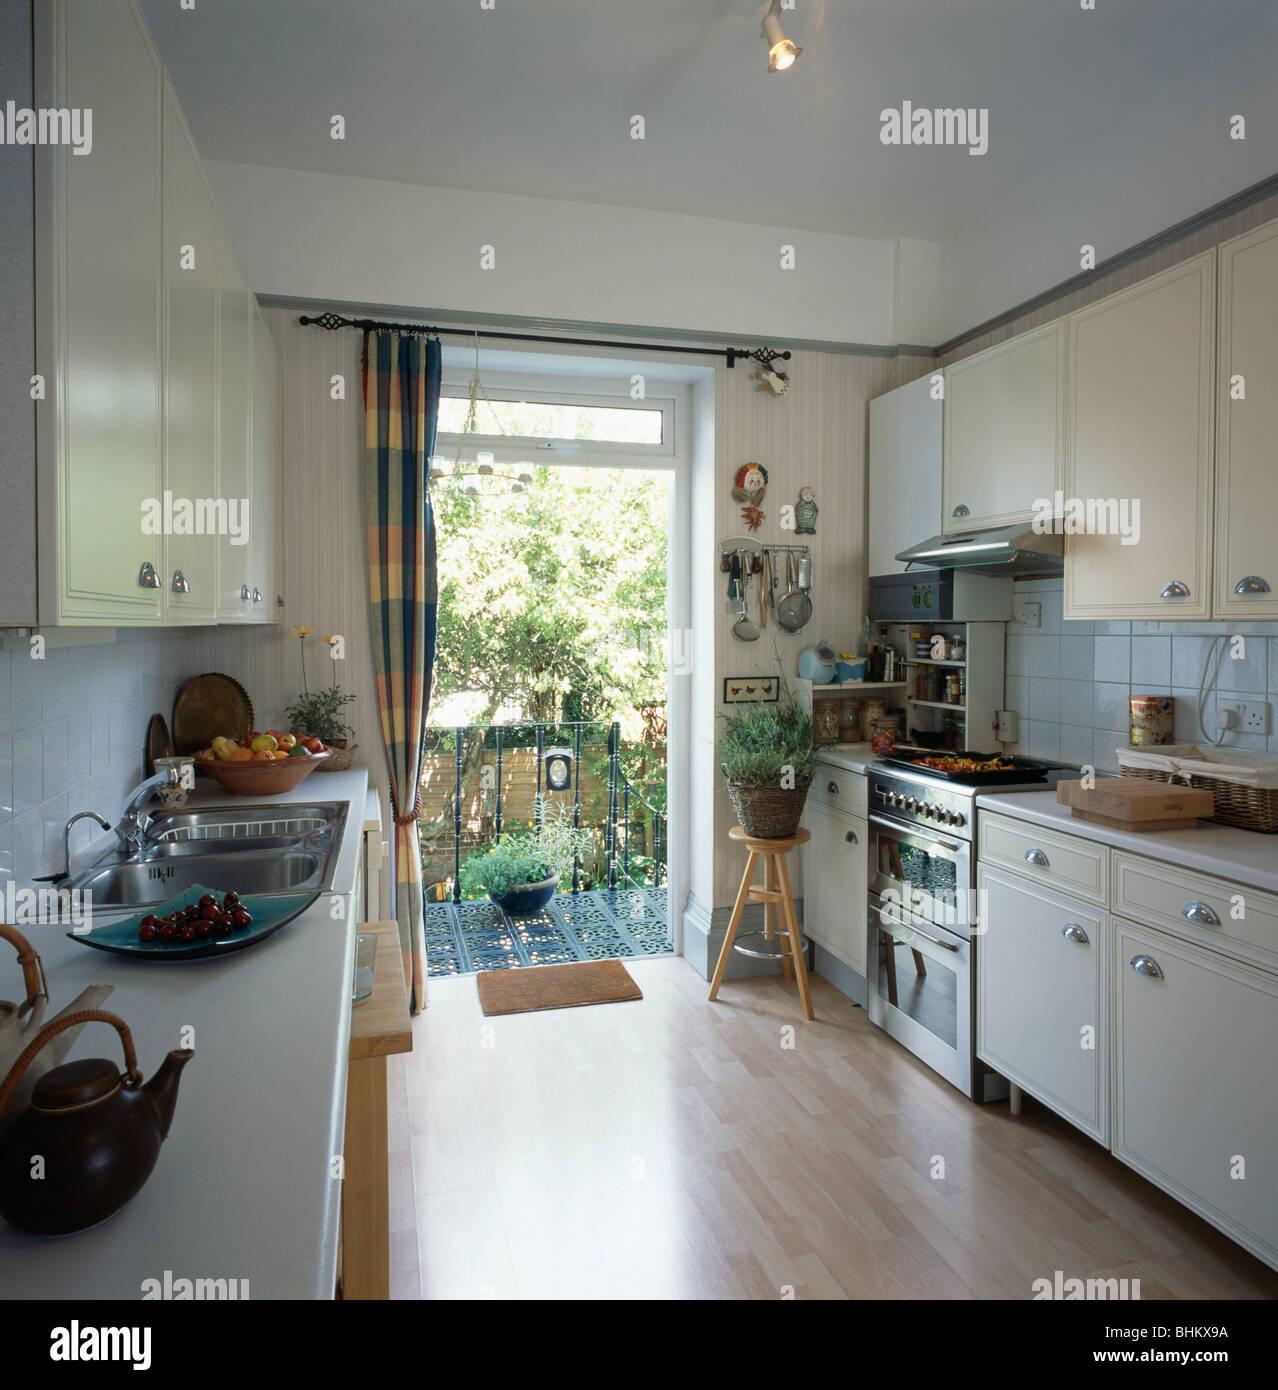 Laminat Parkett In Weißen Wirtschaft Küche Mit Tür Zum Balkon öffnen